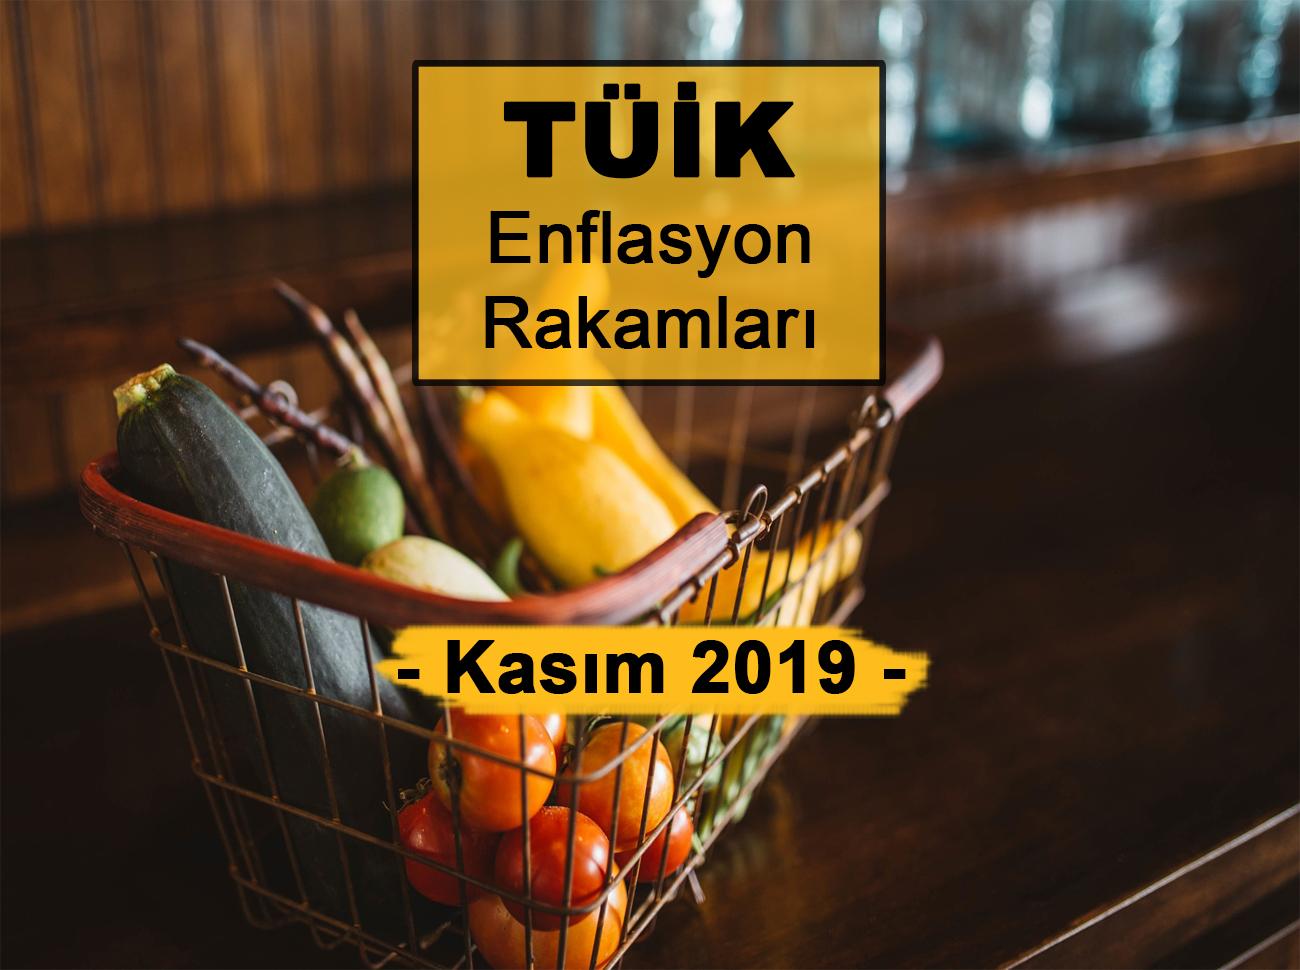 Enflasyon Rakamları (Kasım 2019)